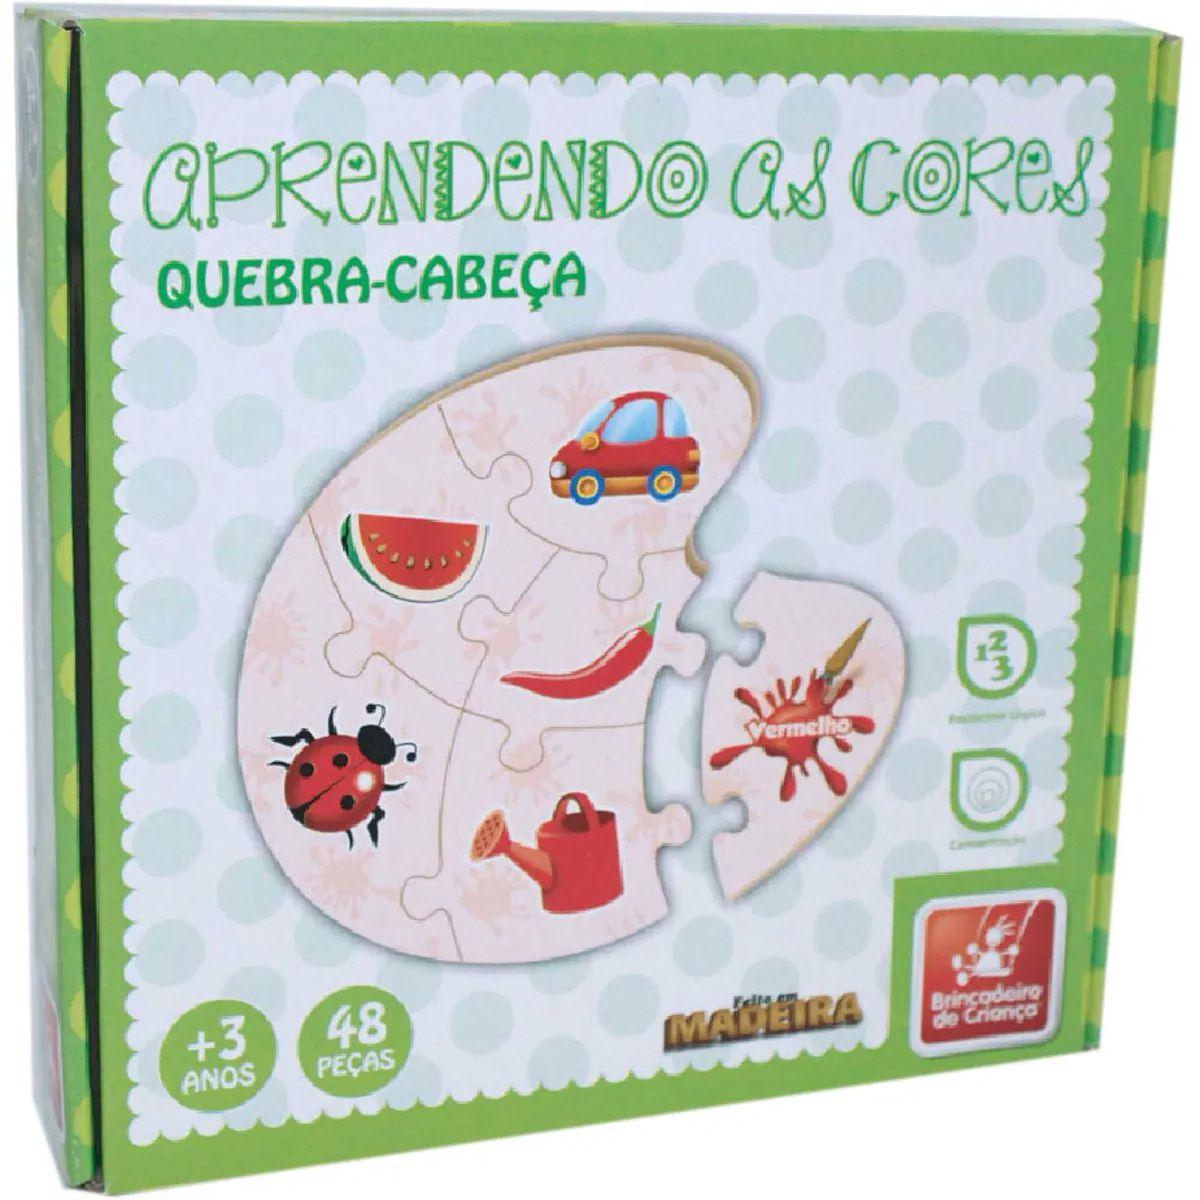 Quebra-Cabeça - Aprendendo as Cores - 48 Peças - Madeira - Brincadeira de Criança